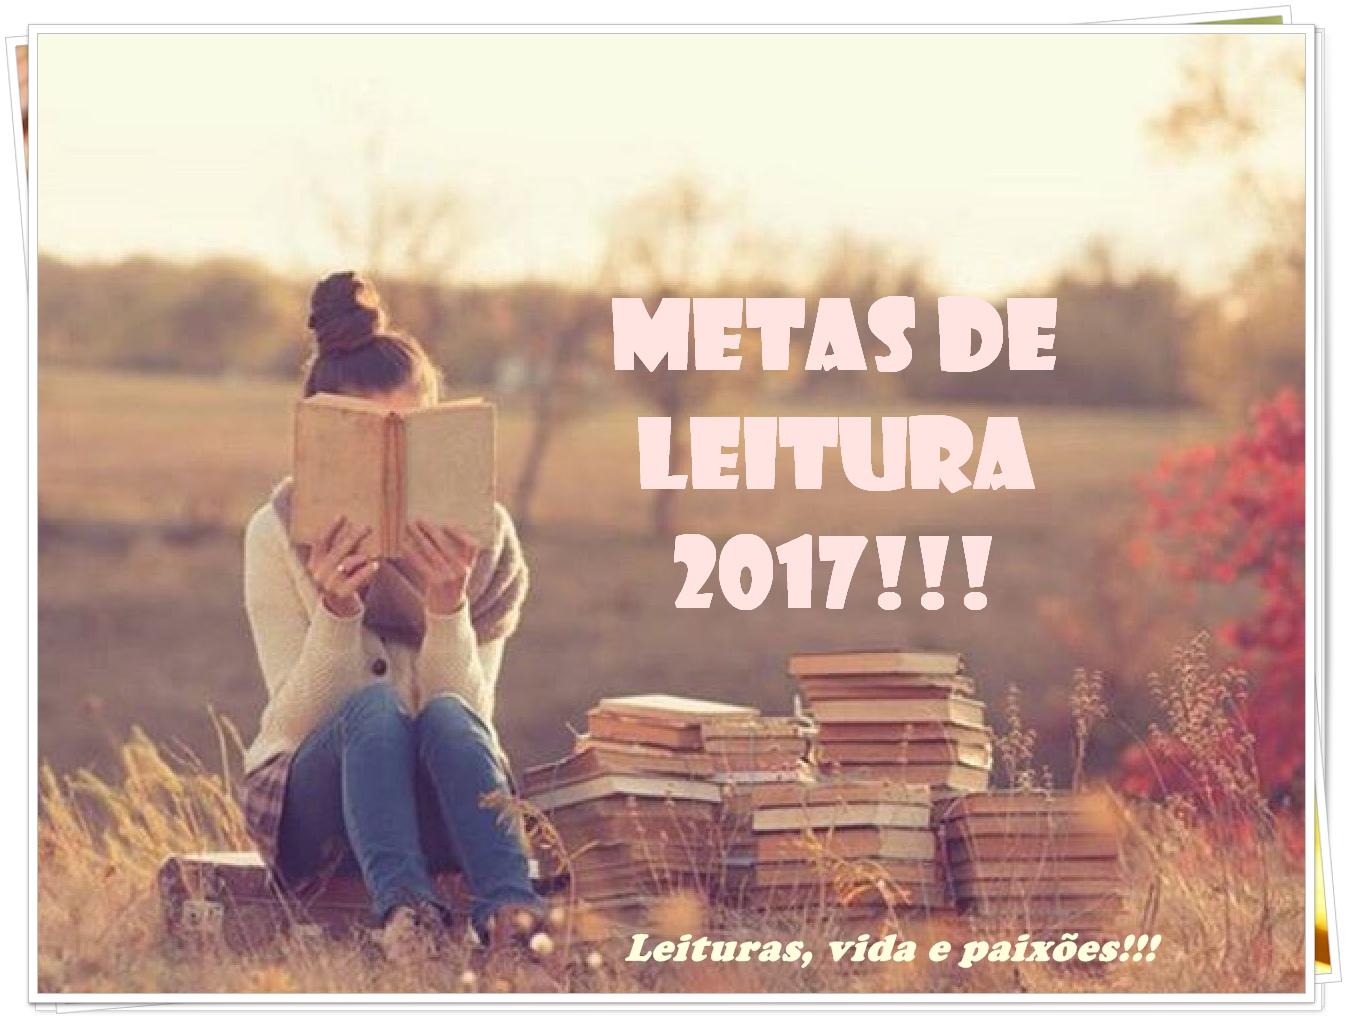 Metas de leitura 2017!!!